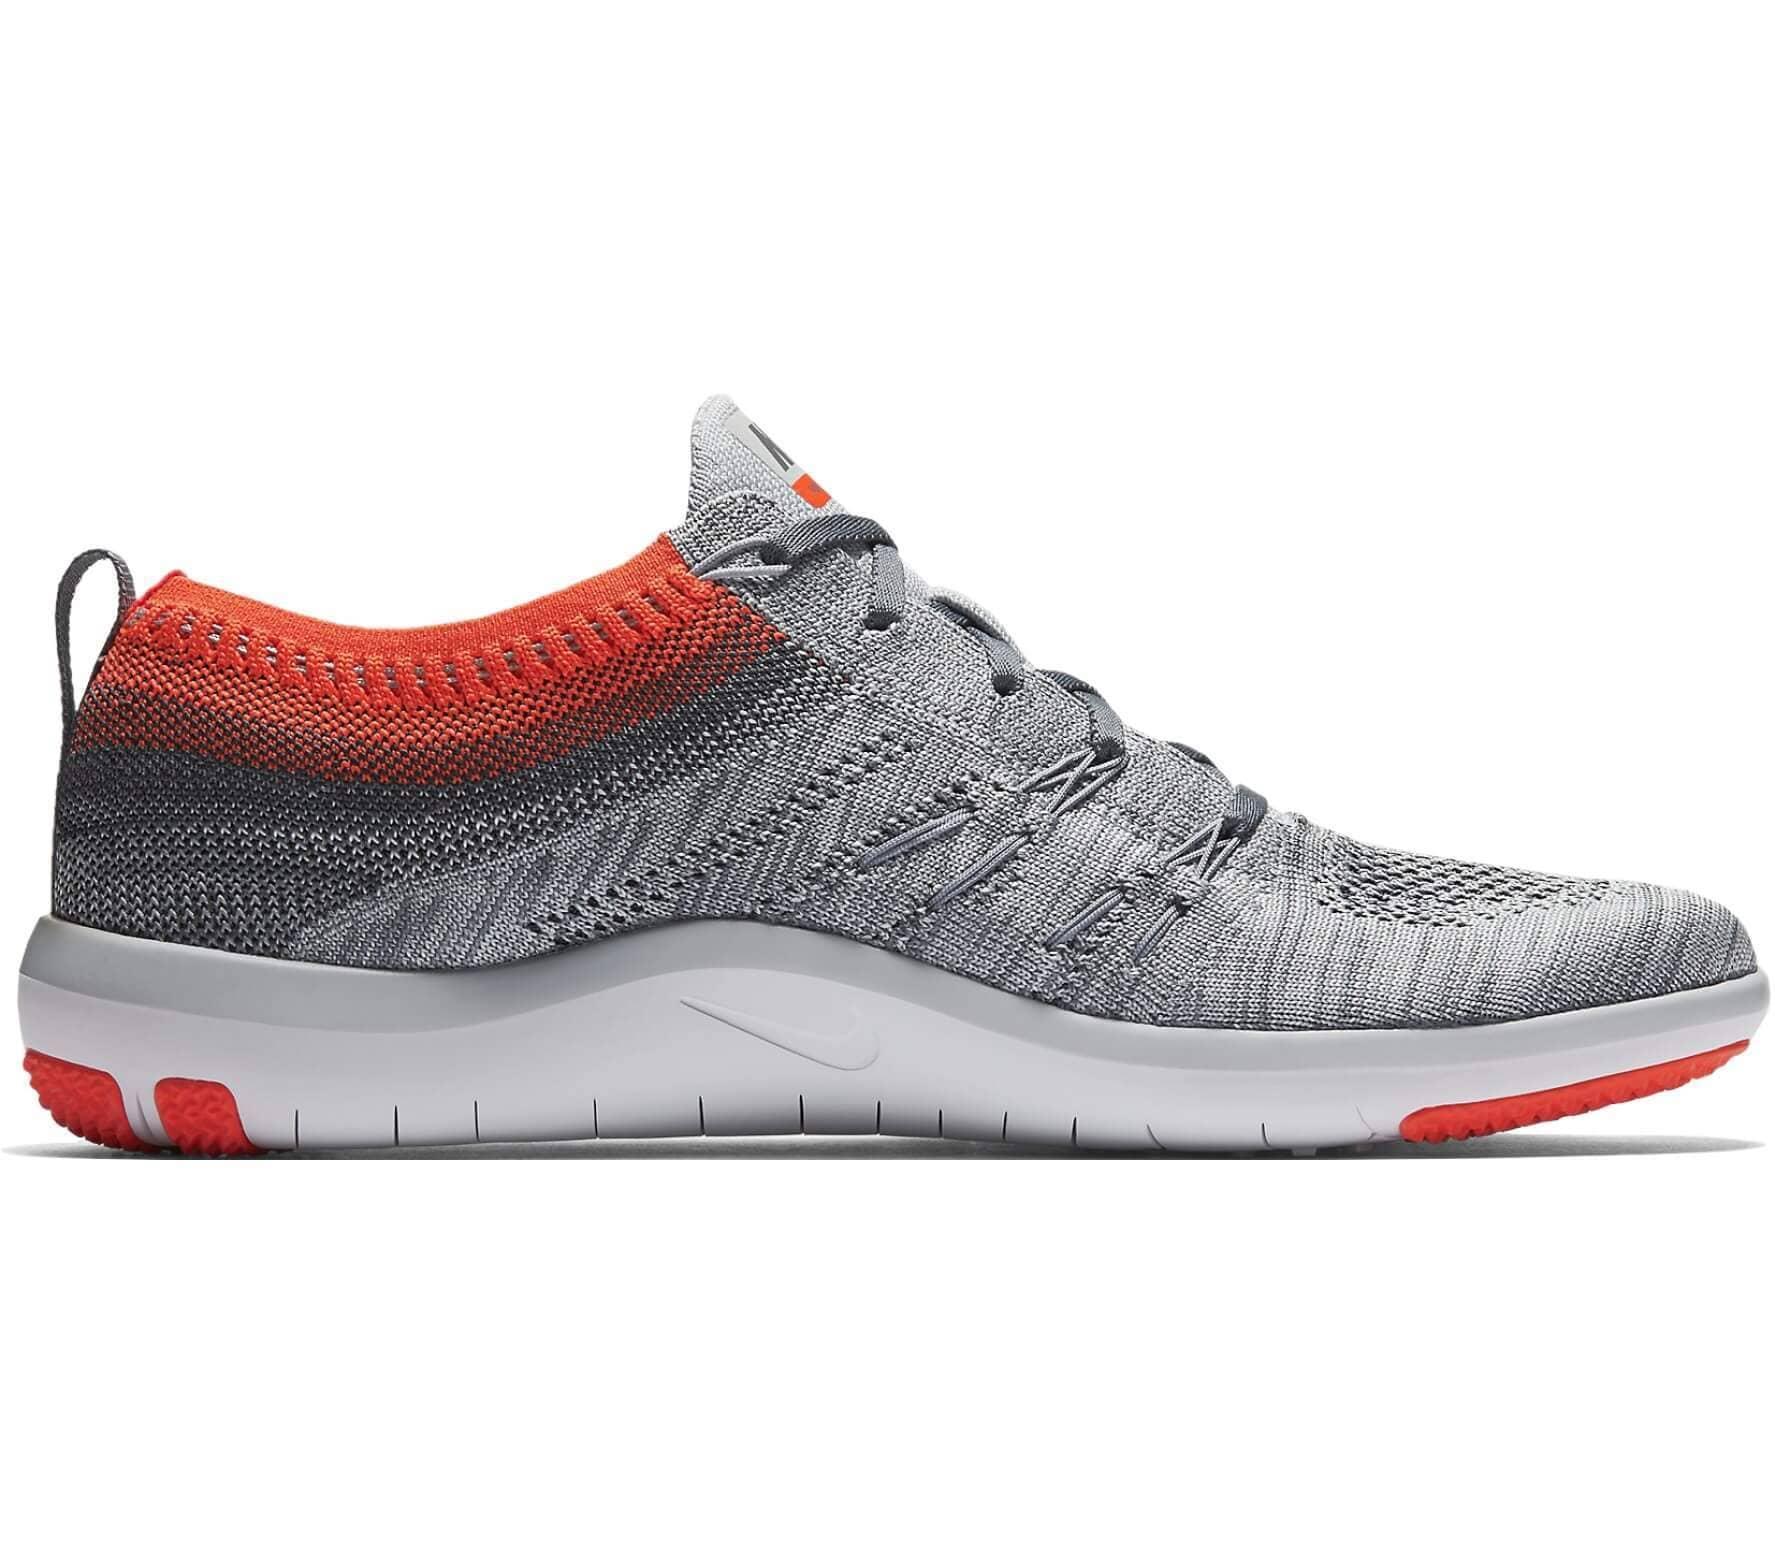 Nike - Free Focus Flyknit Damen Trainingsschuh (grau)